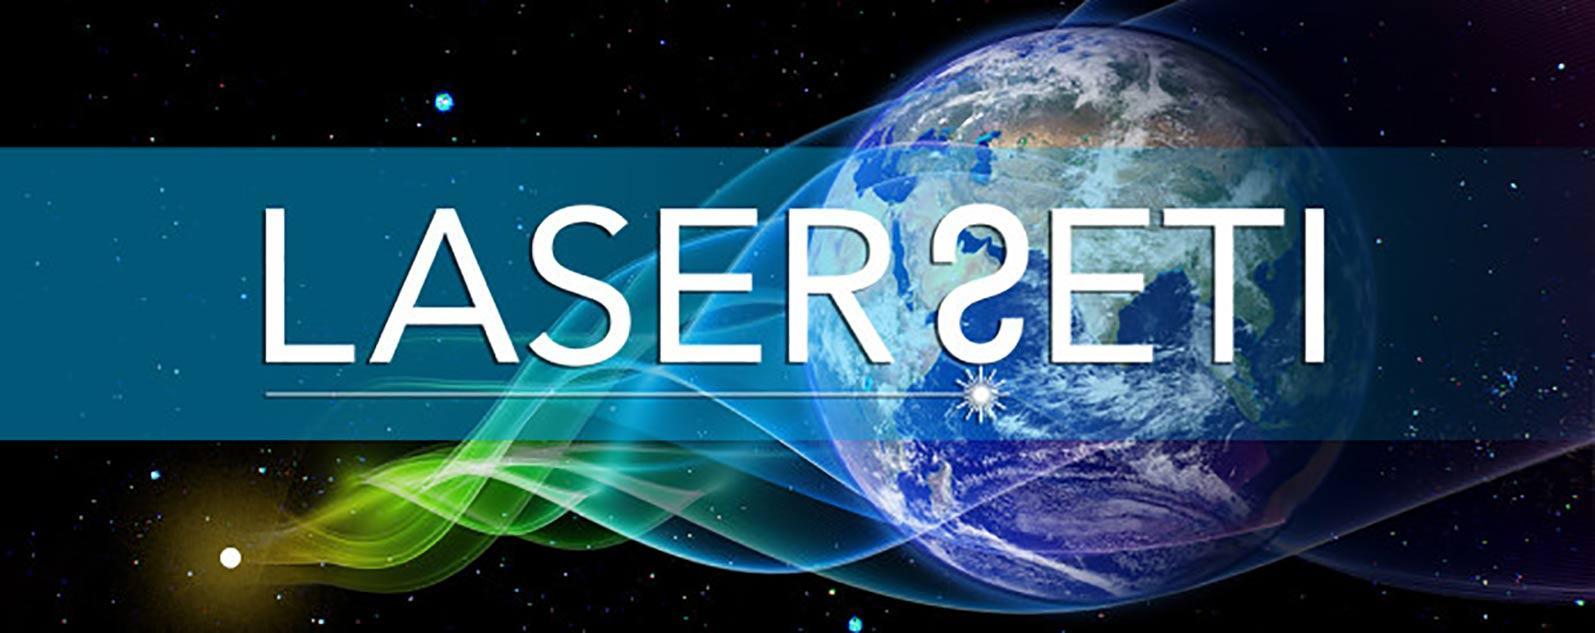 Logo SETI laser